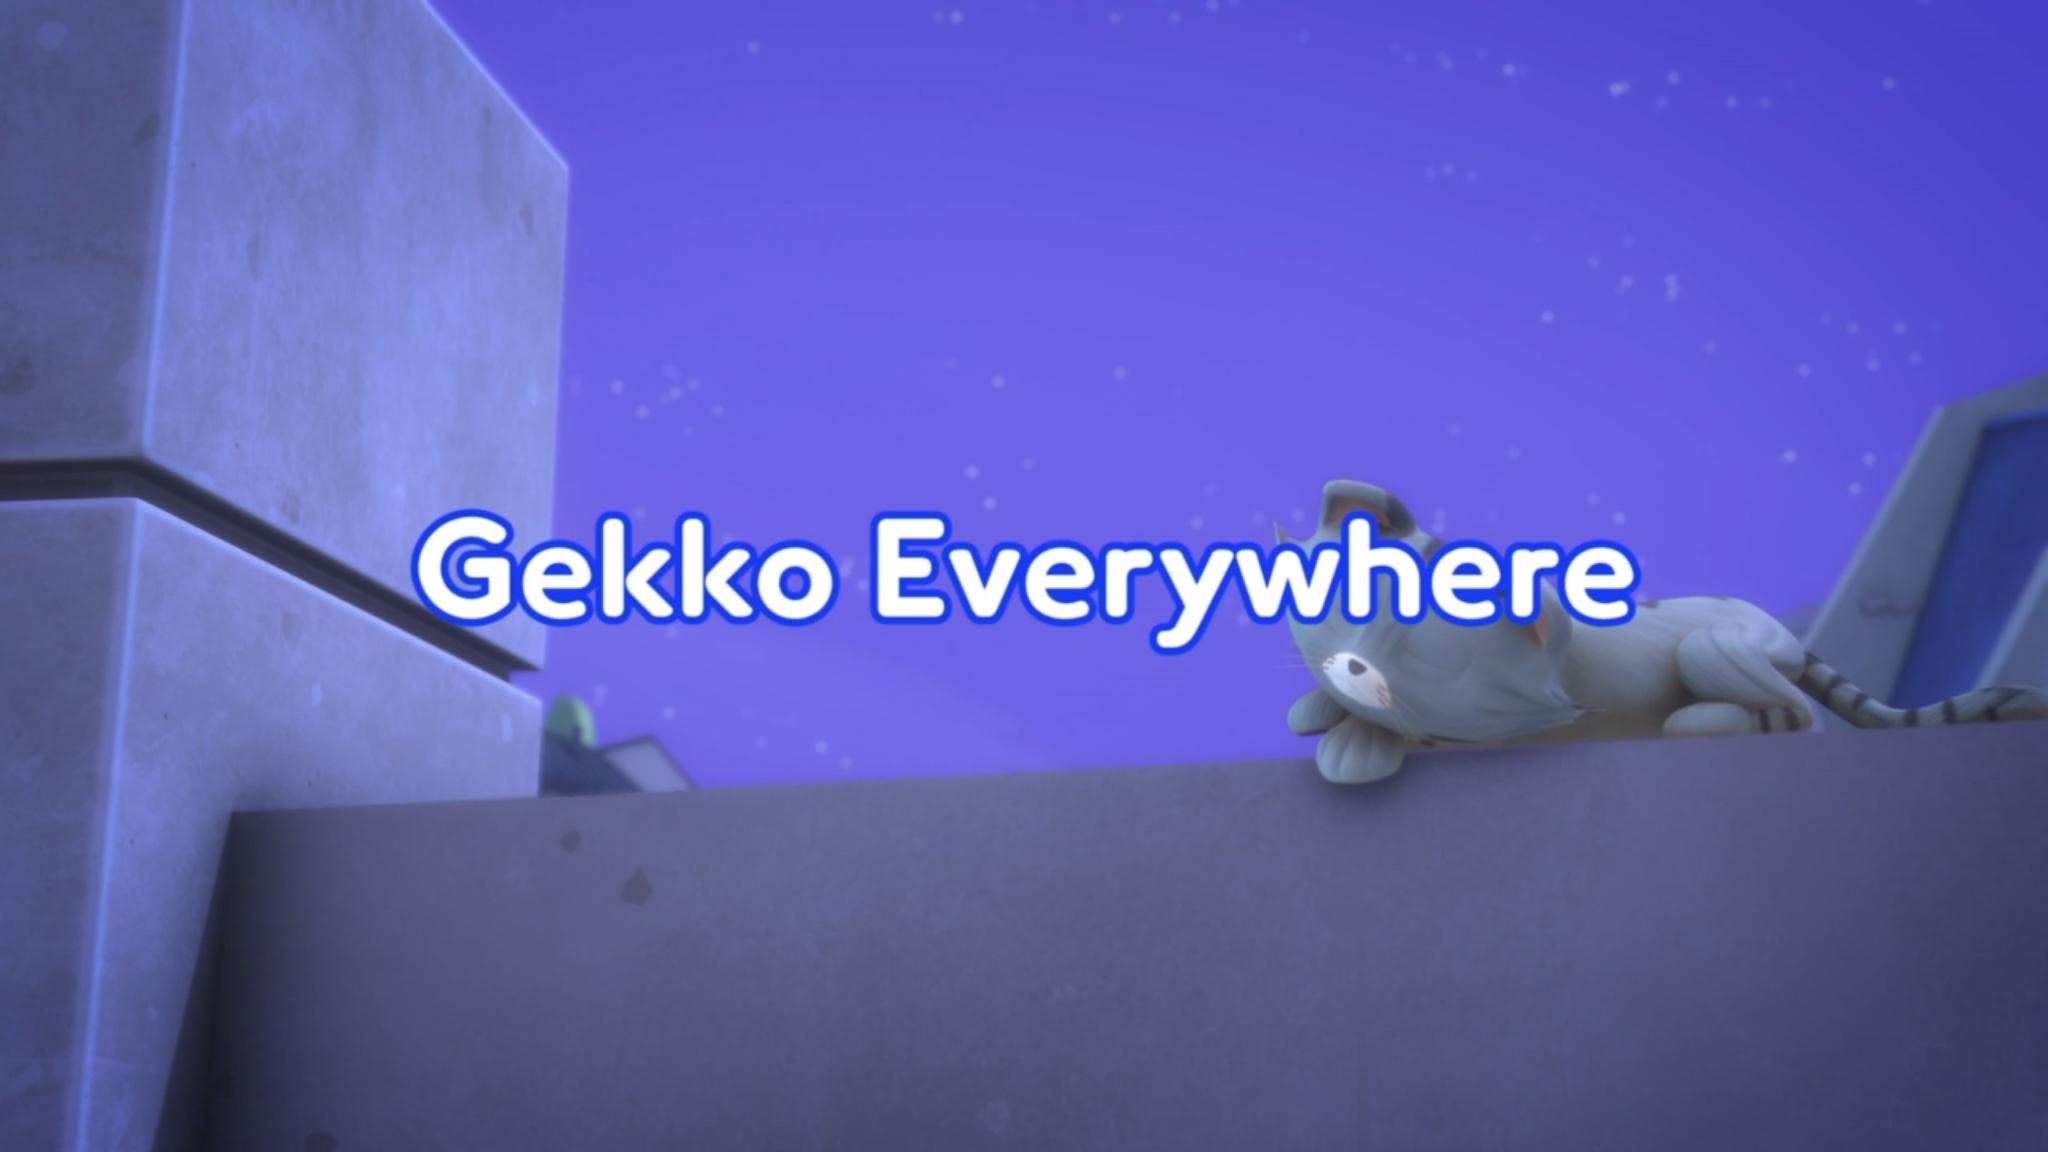 Gekko Everywhere